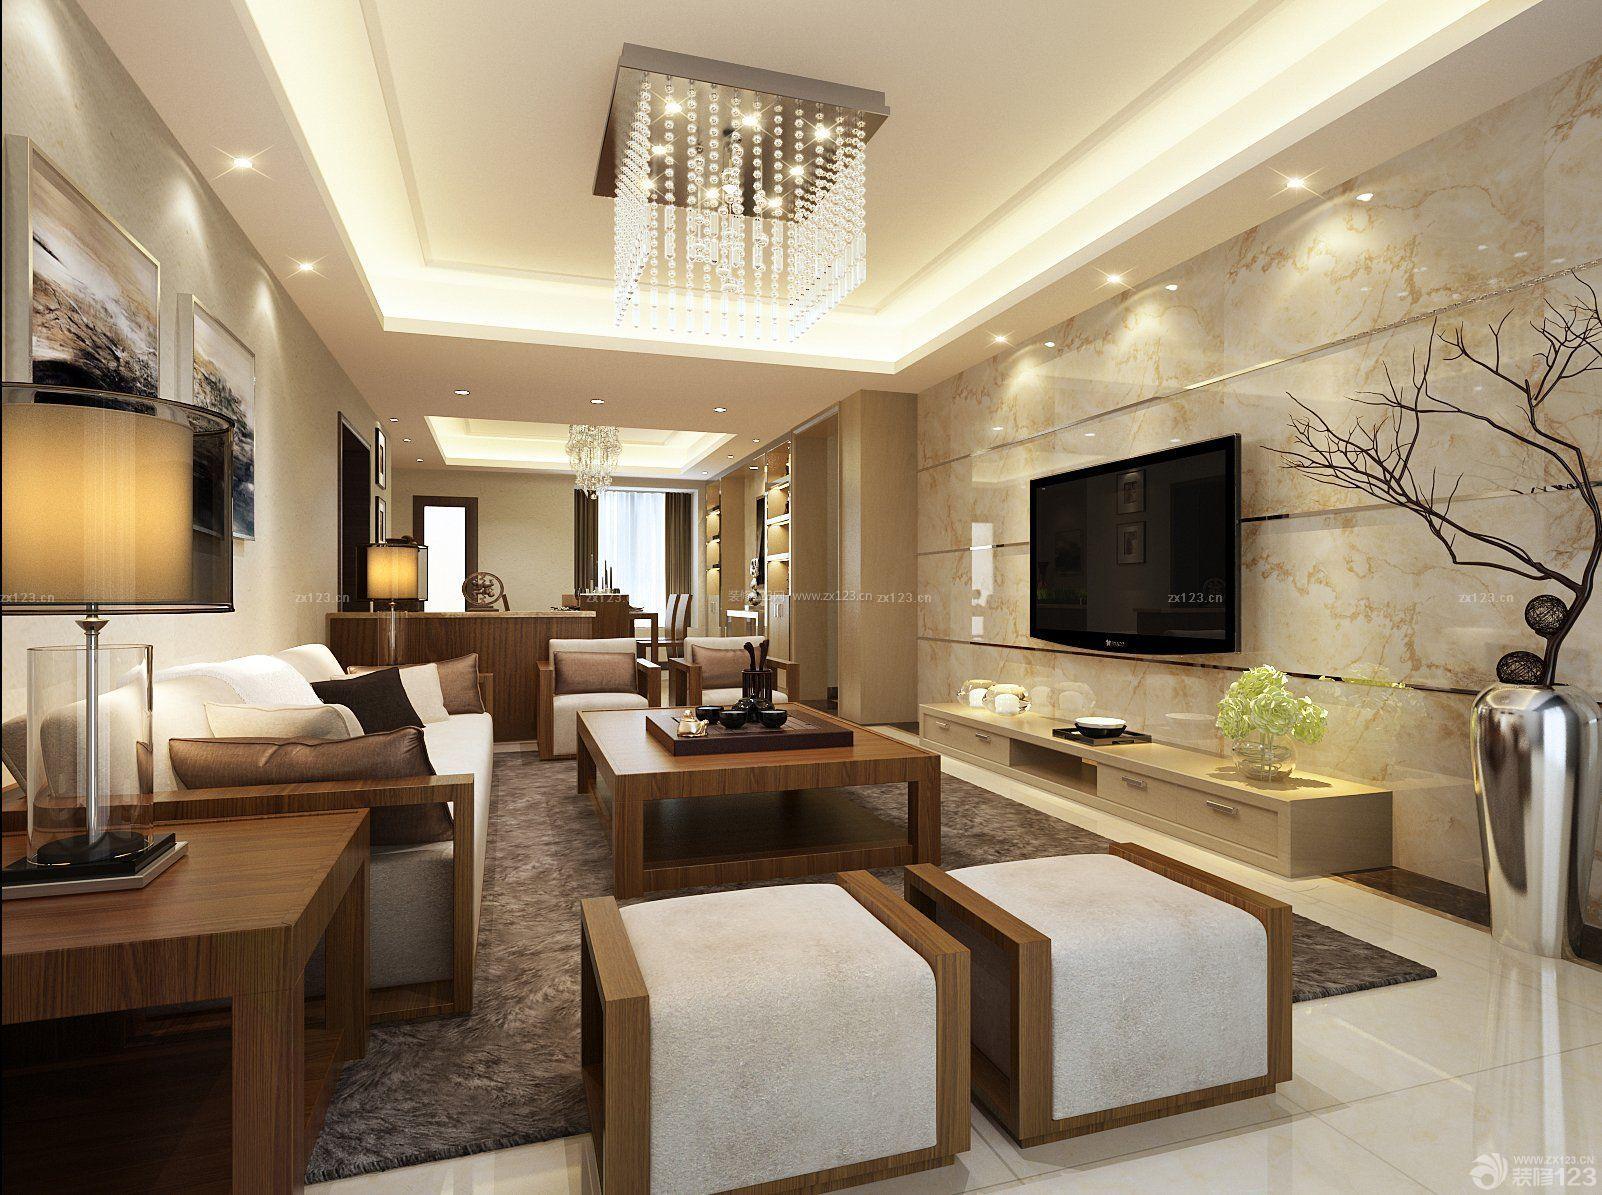 二室一厅中式2014瓷砖电视背景墙装修效果图